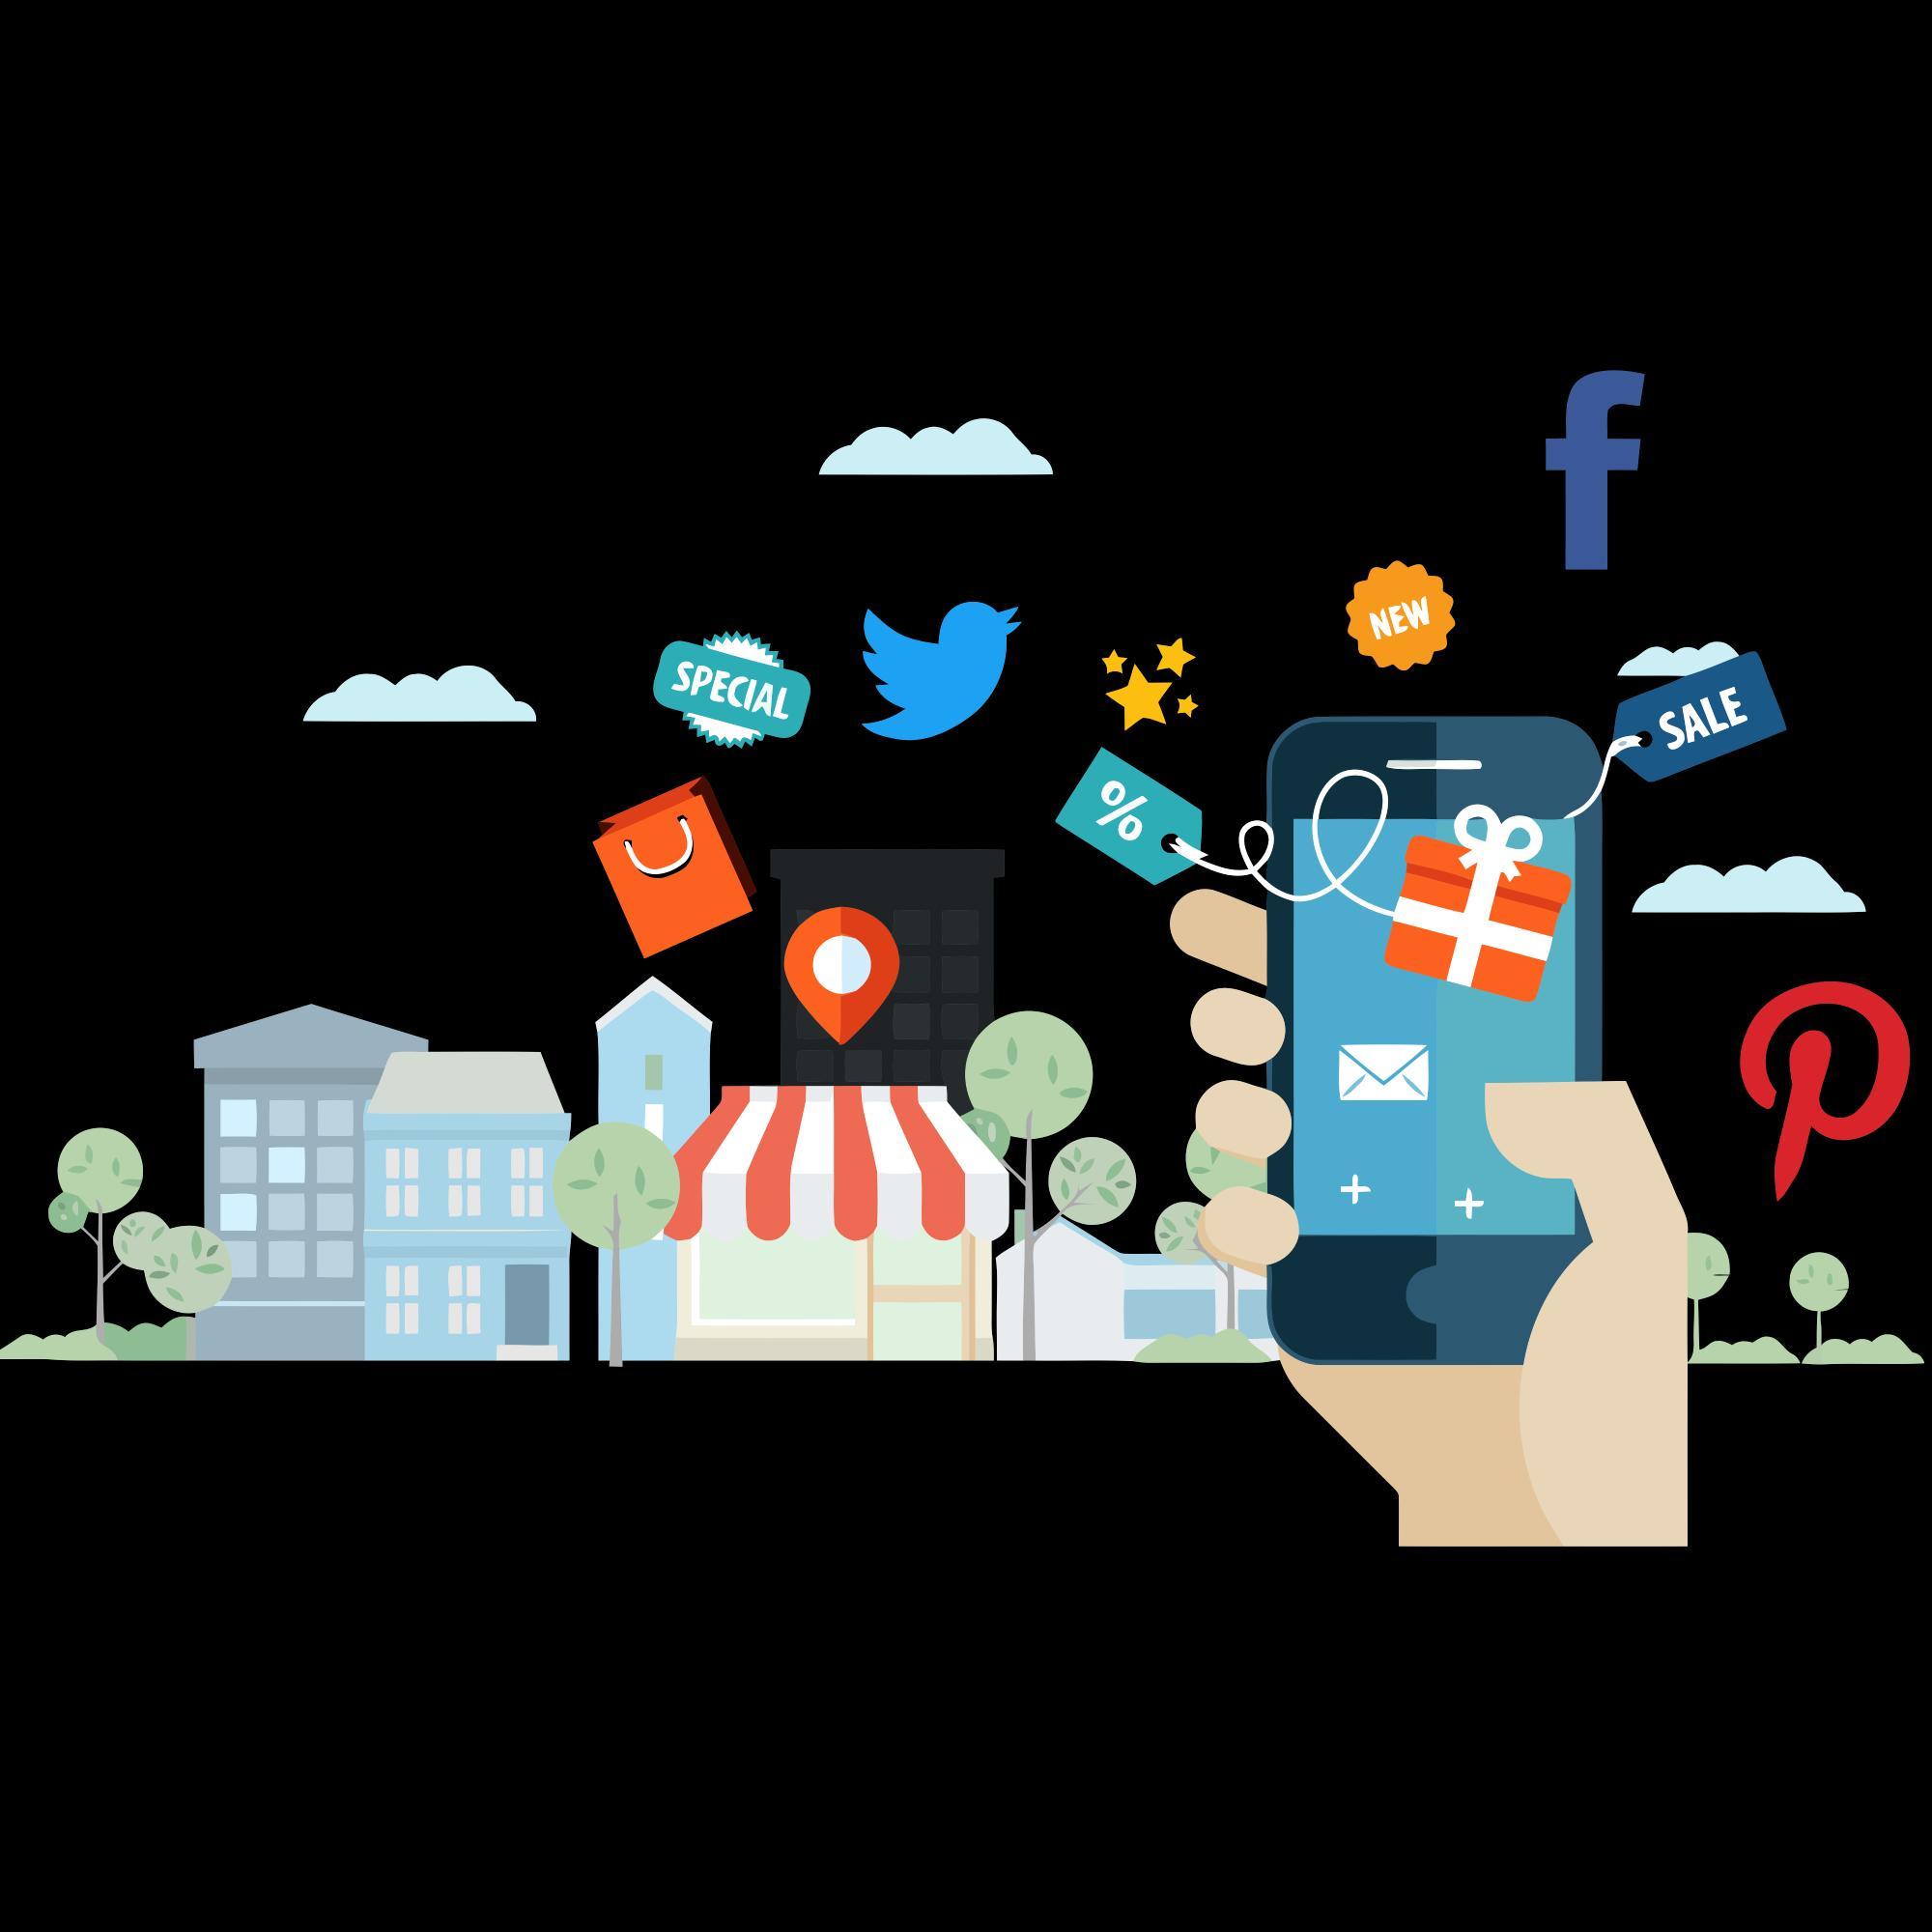 S9-Consulting_Social-Media-Marketing.jpg